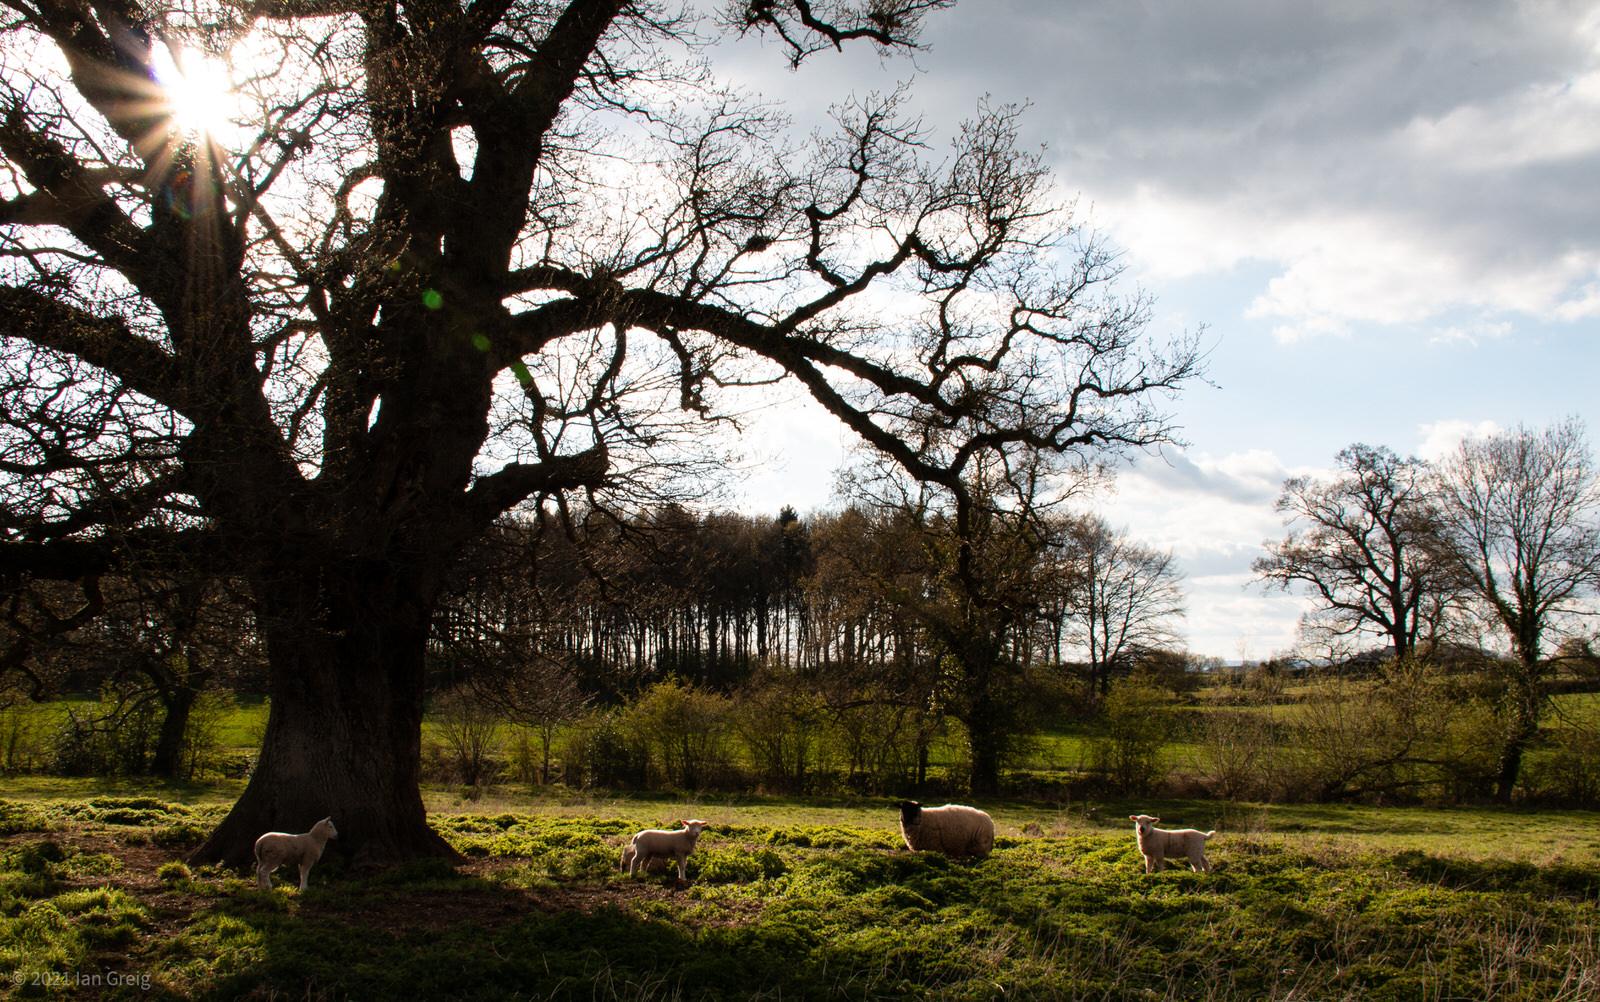 Lambs in sunset under oak tree